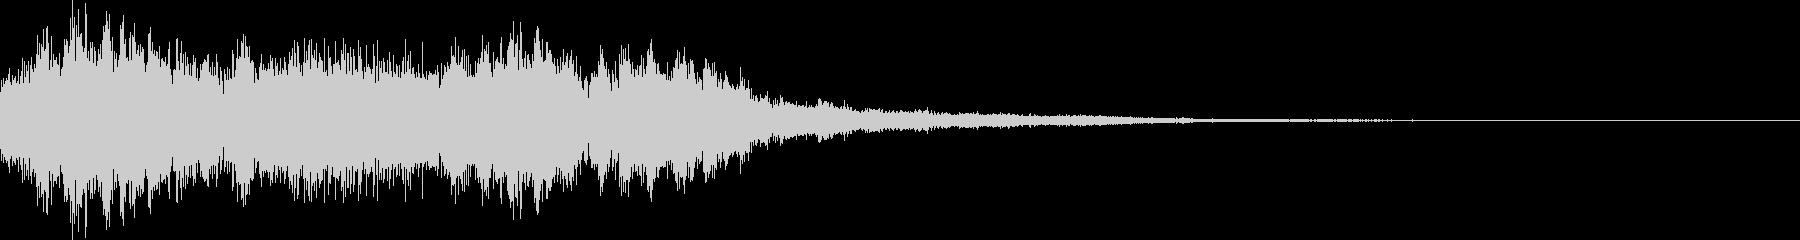 オープニング用・アイコン・サウンドロゴの未再生の波形